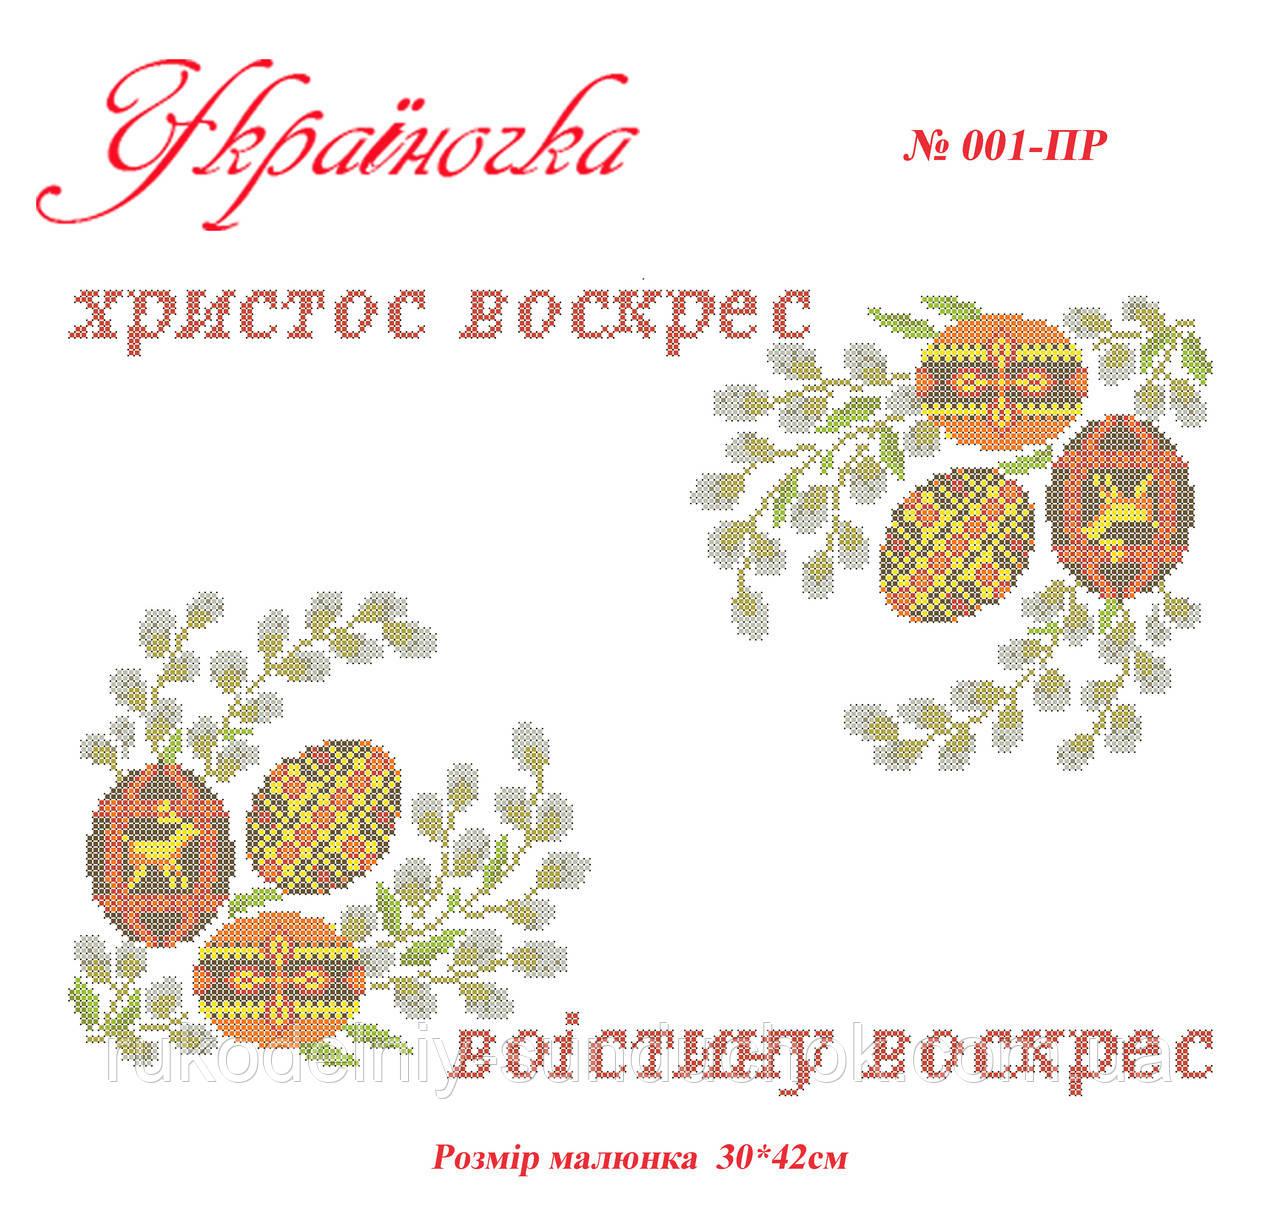 Рушник пасхальный под вышивку ТМ Украиночка 042-ПР